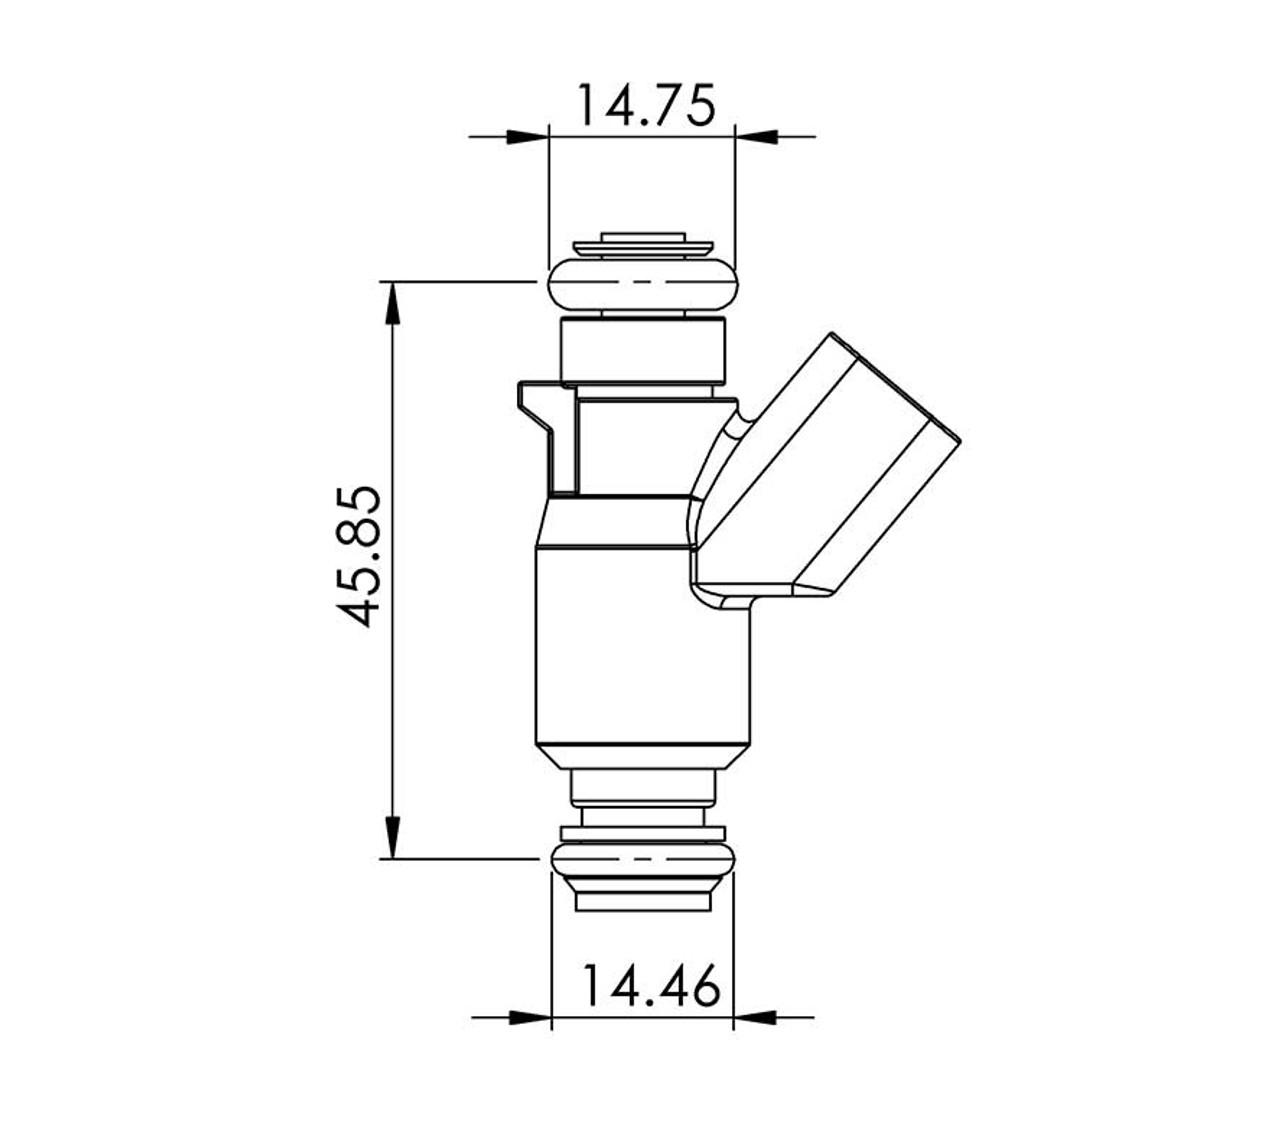 Delphi 52lb/hr 2000-07 LS Truck Injectors